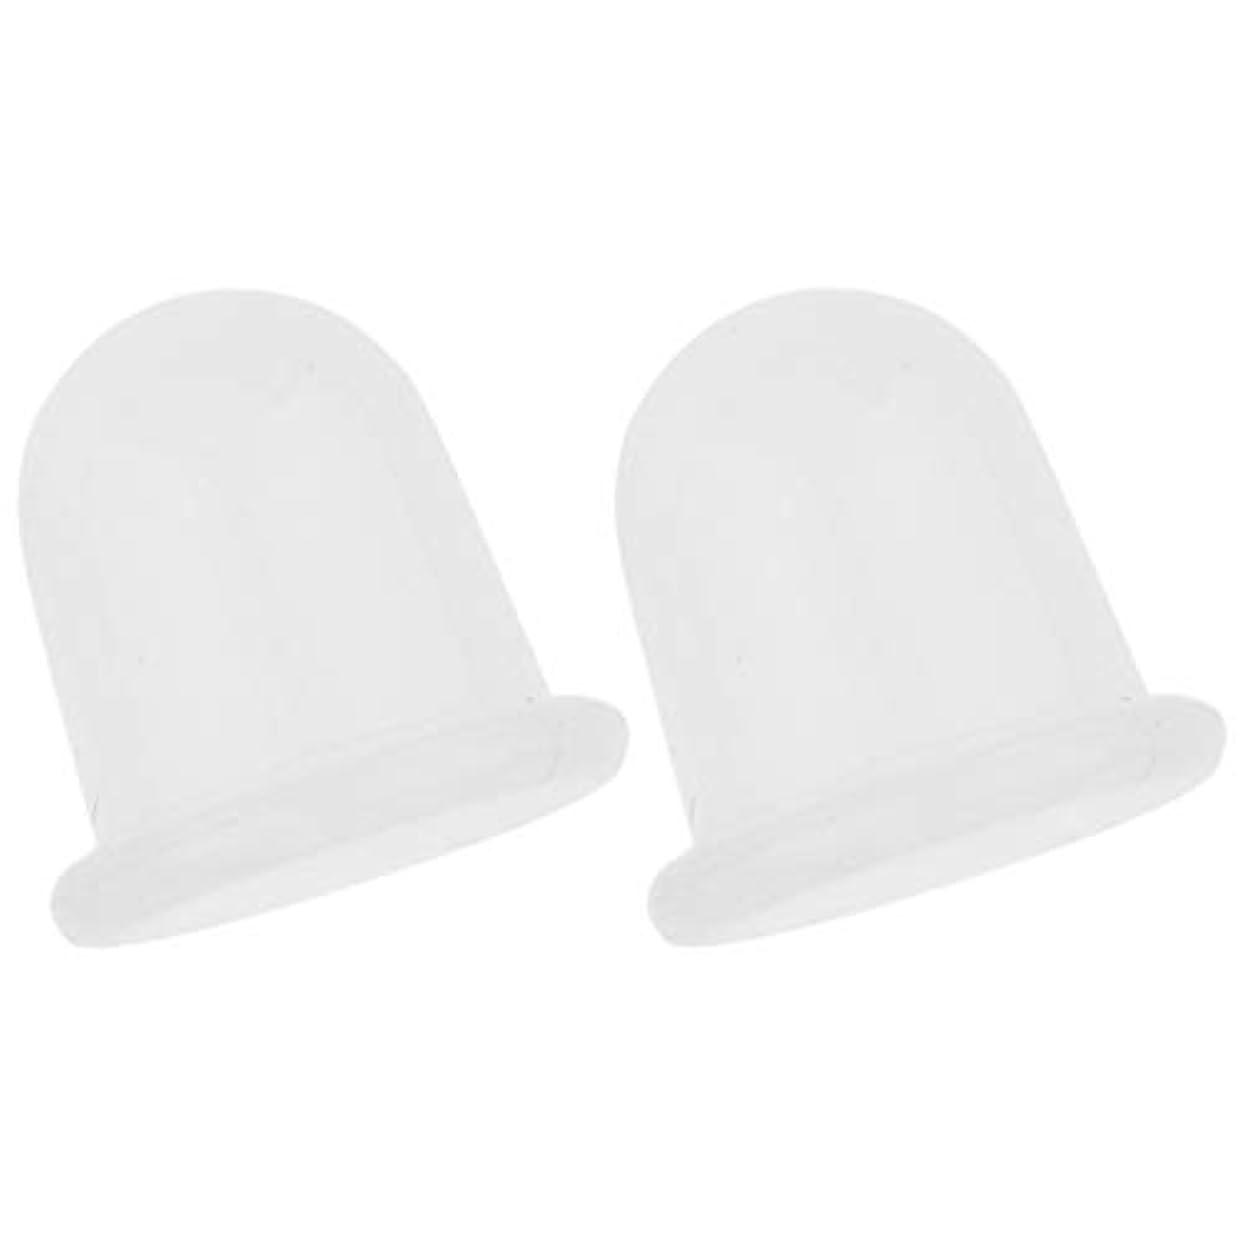 革新独裁傷つきやすいボディー ビューティーストレス 空カップ 吸い玉 真空カッピングカップ 持ち運び 可能 汎用 2個入り